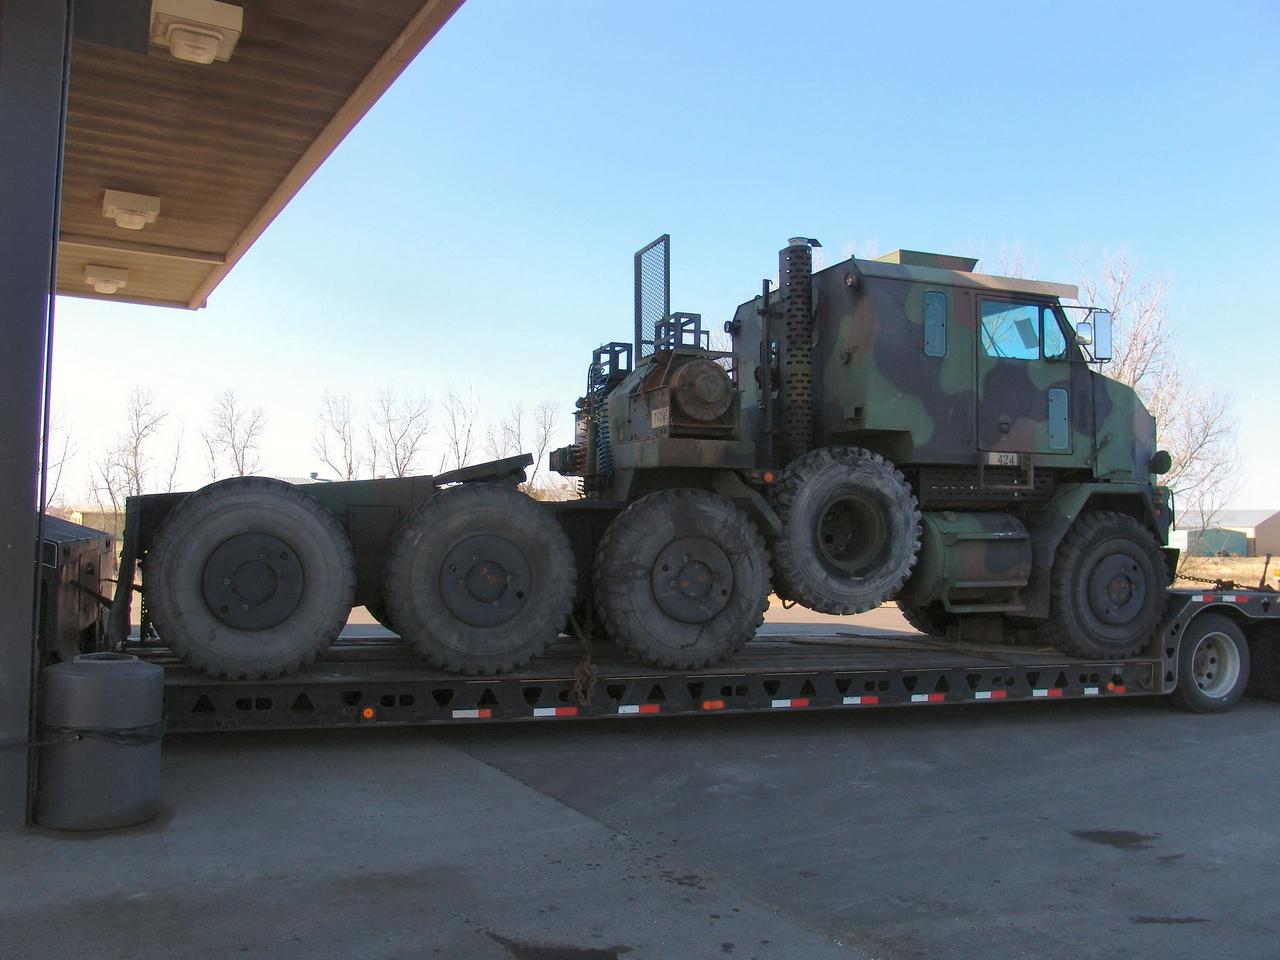 M1070 Sunkiojo Transporto Įranga